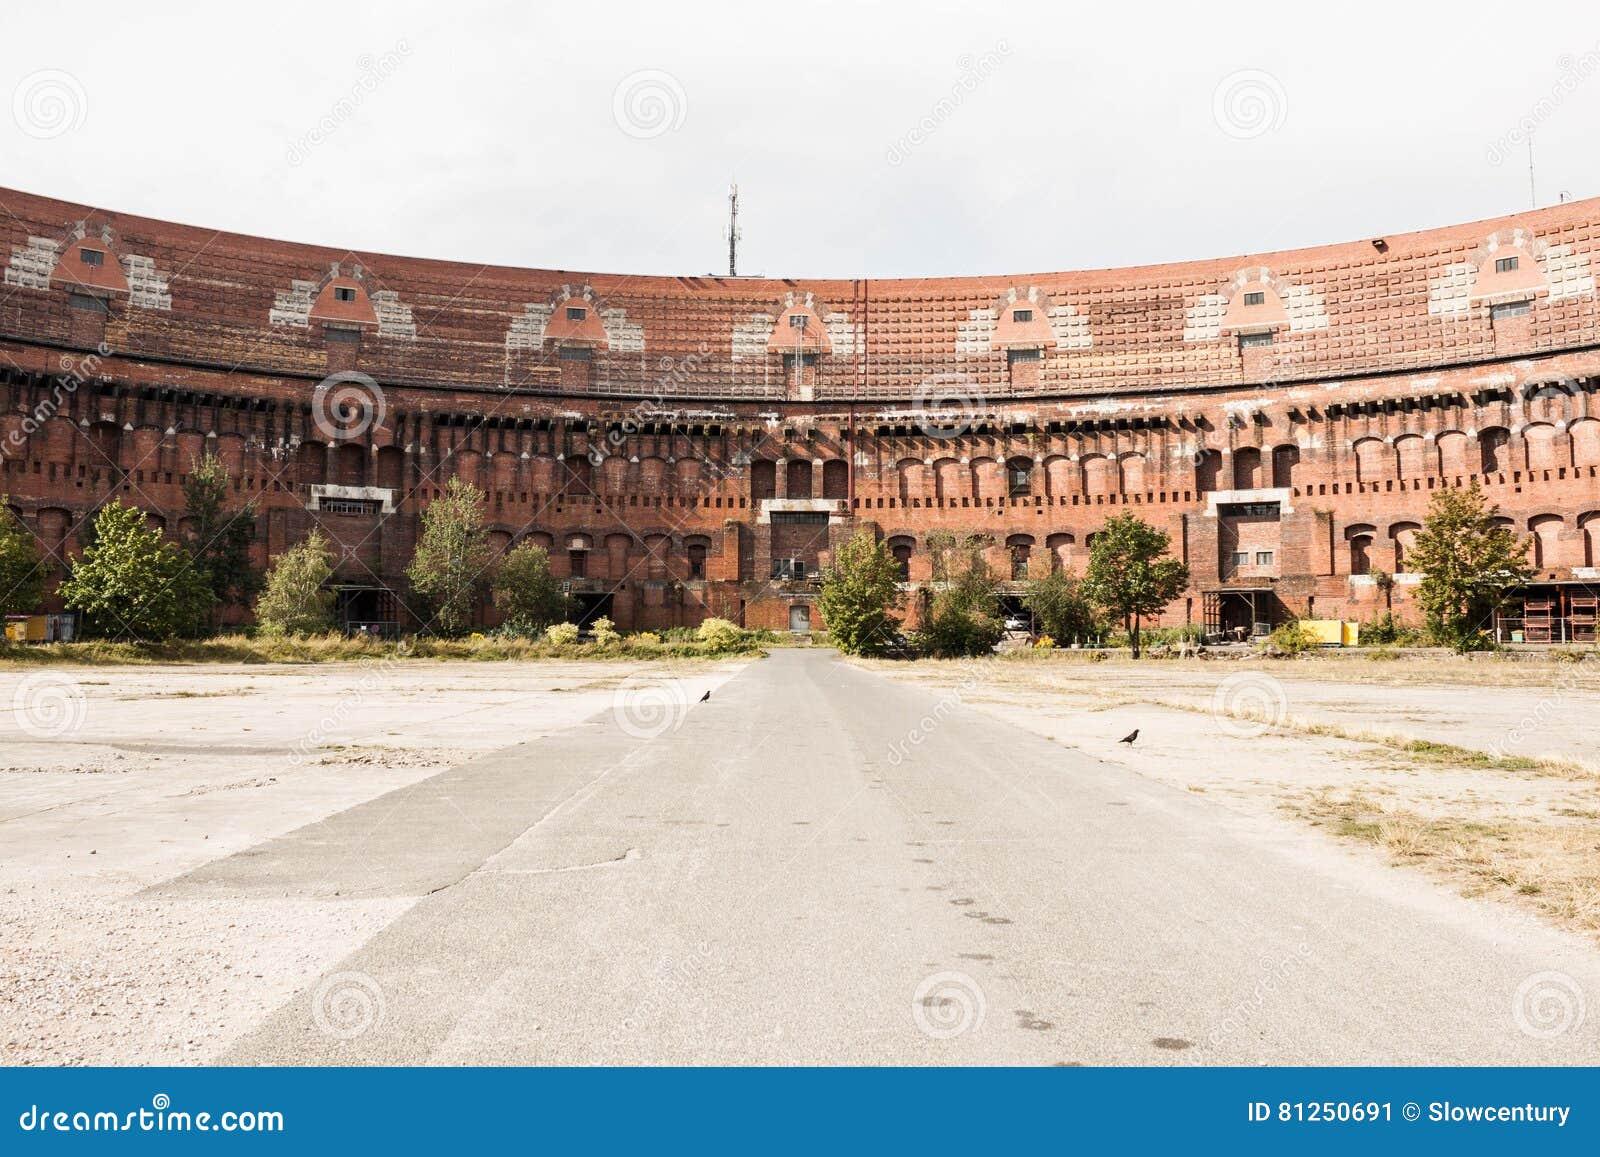 Ancien bâtiment de hall de Nazi Congress à Nuremberg, Allemagne inside